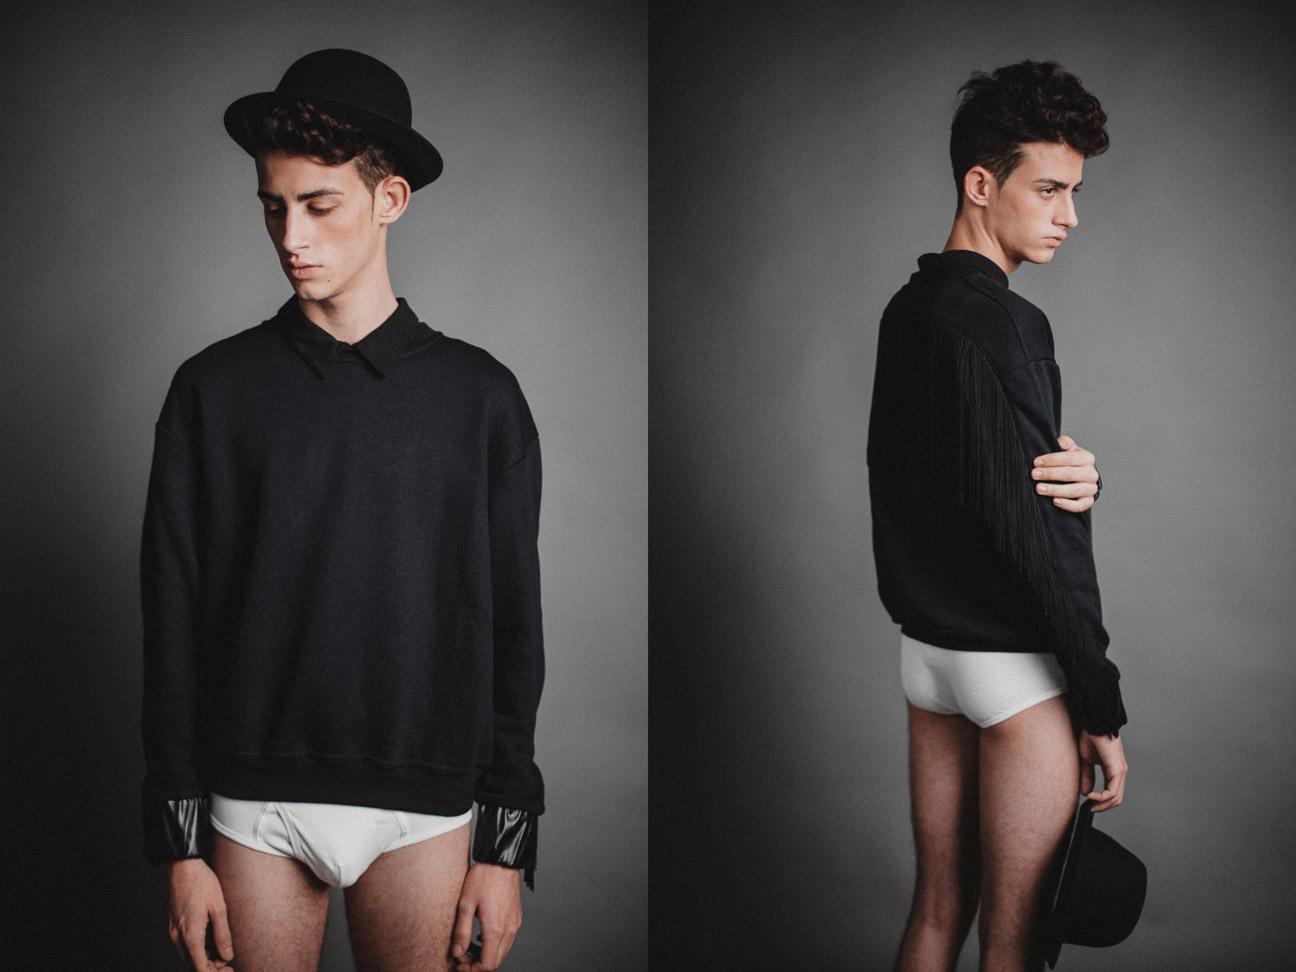 fotografia publicidad catalogo de ropa valencia (3)